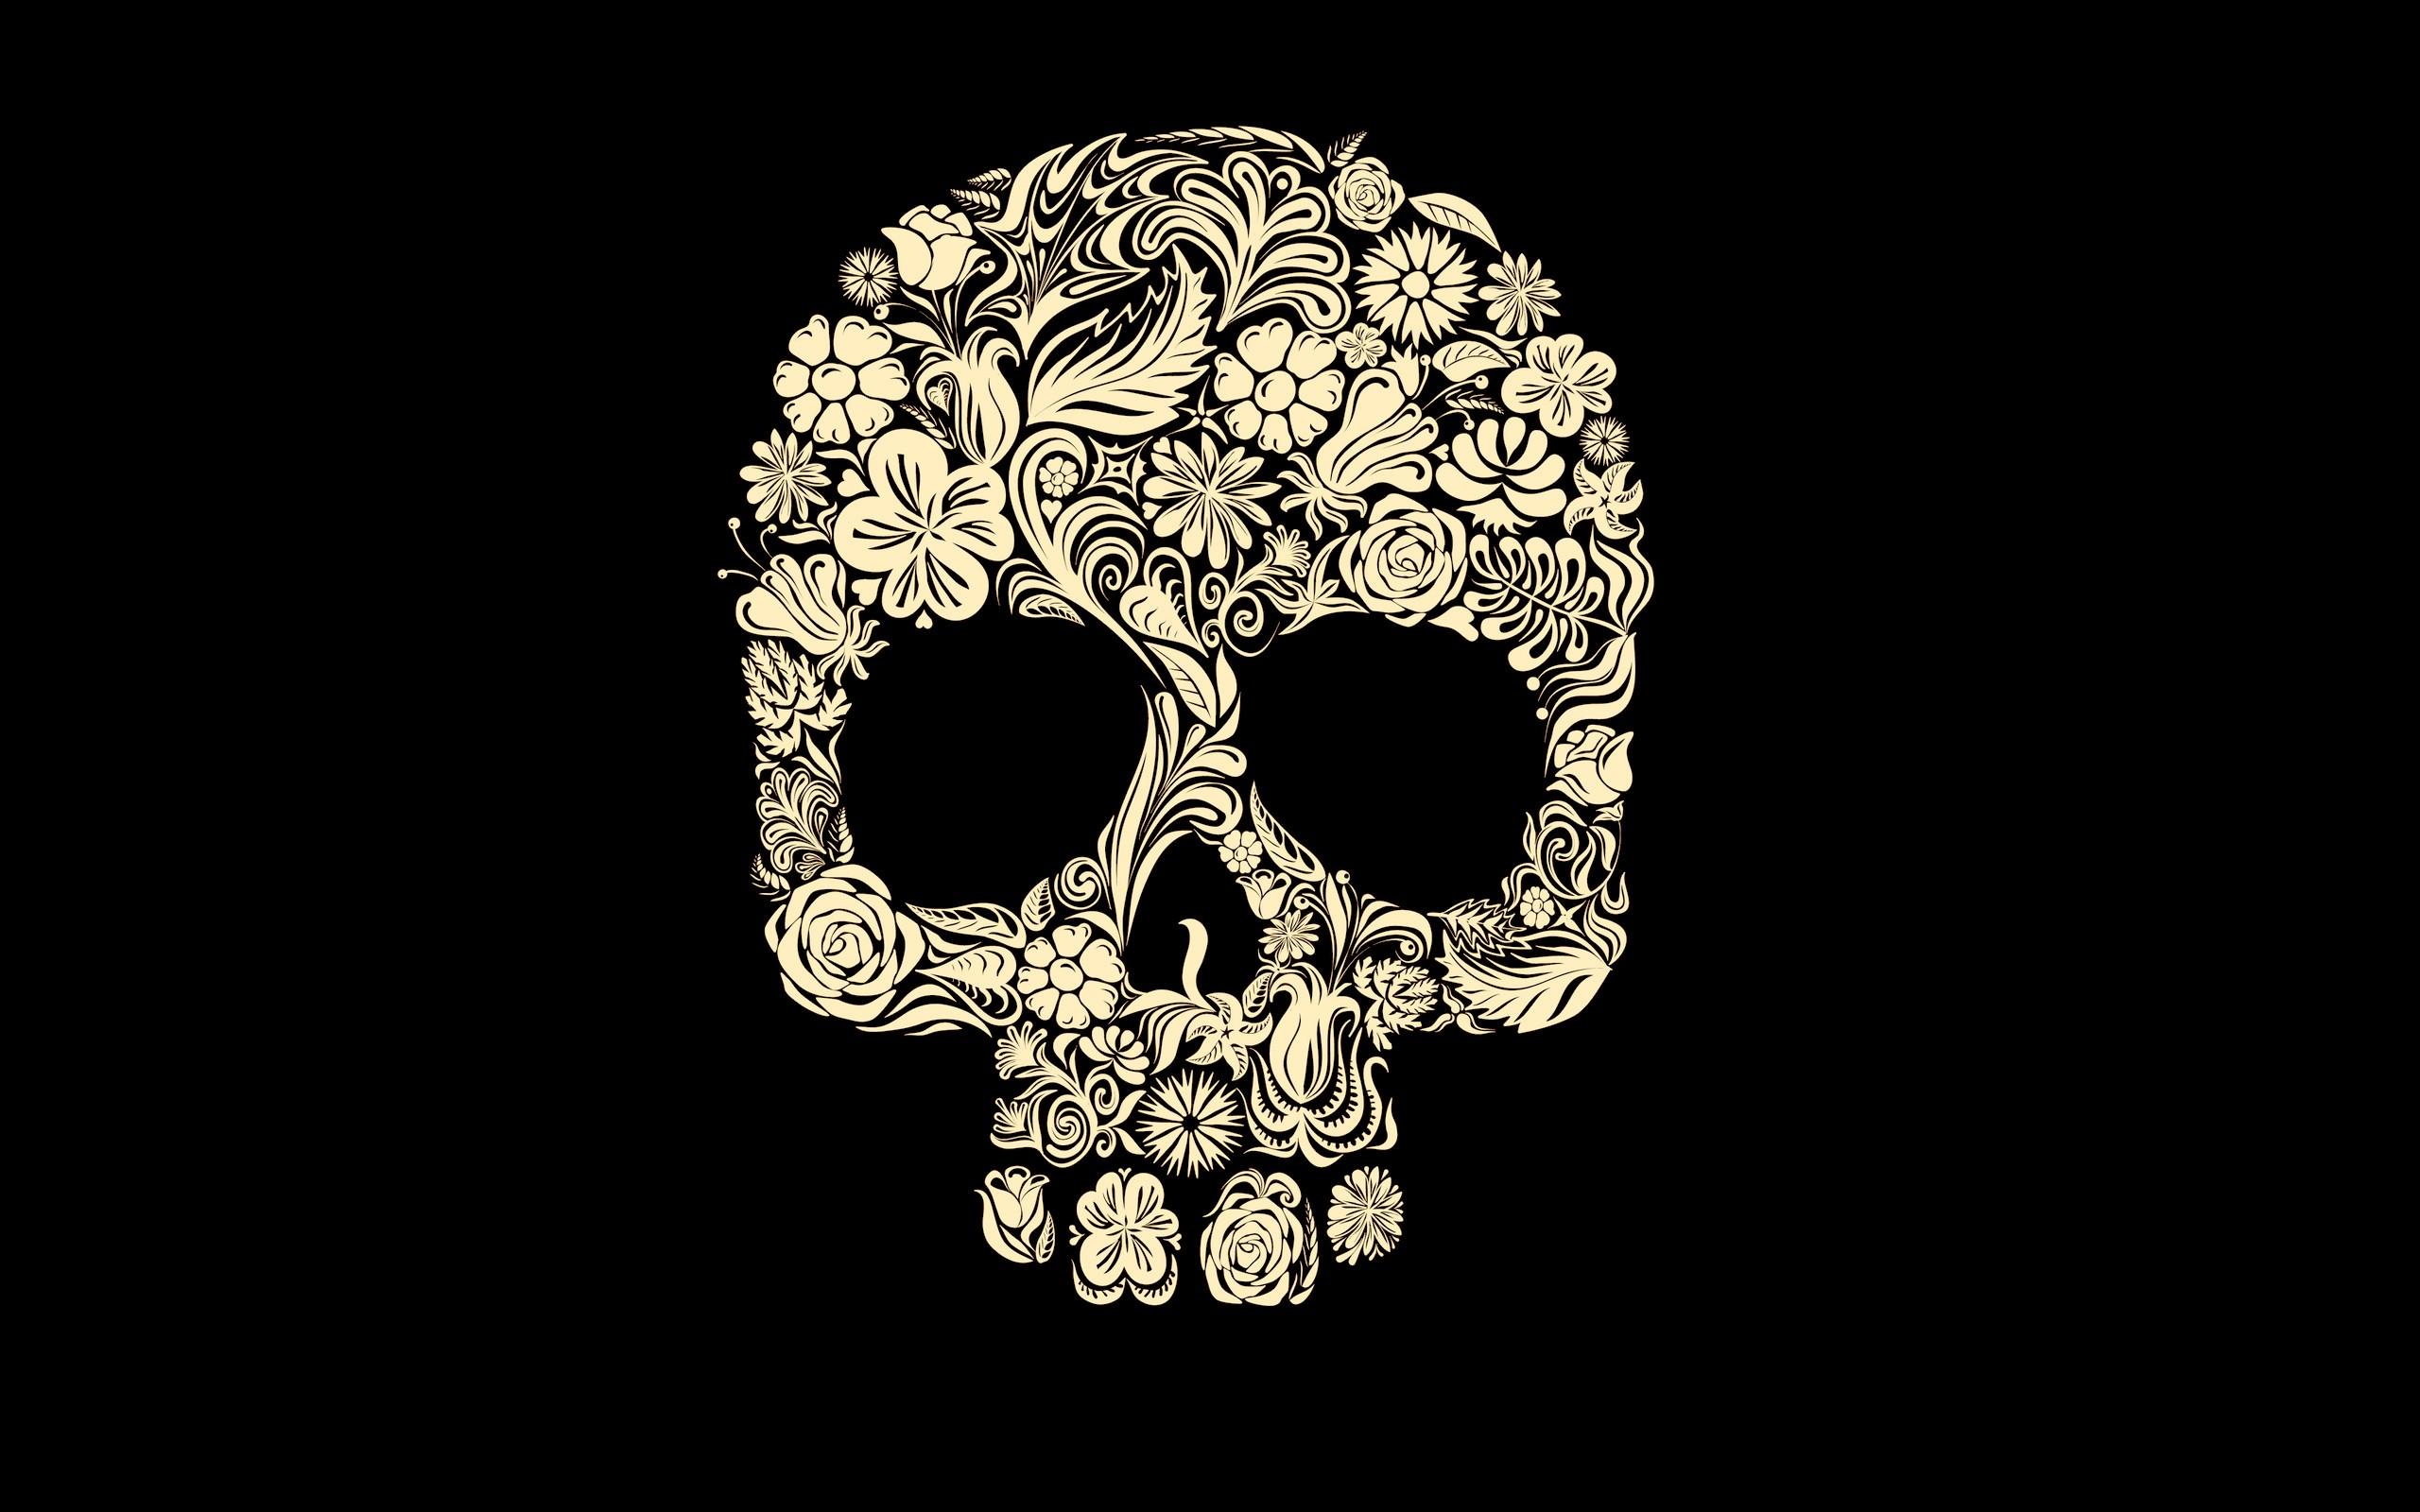 download wallpapers 2560x1600 skulls - photo #4